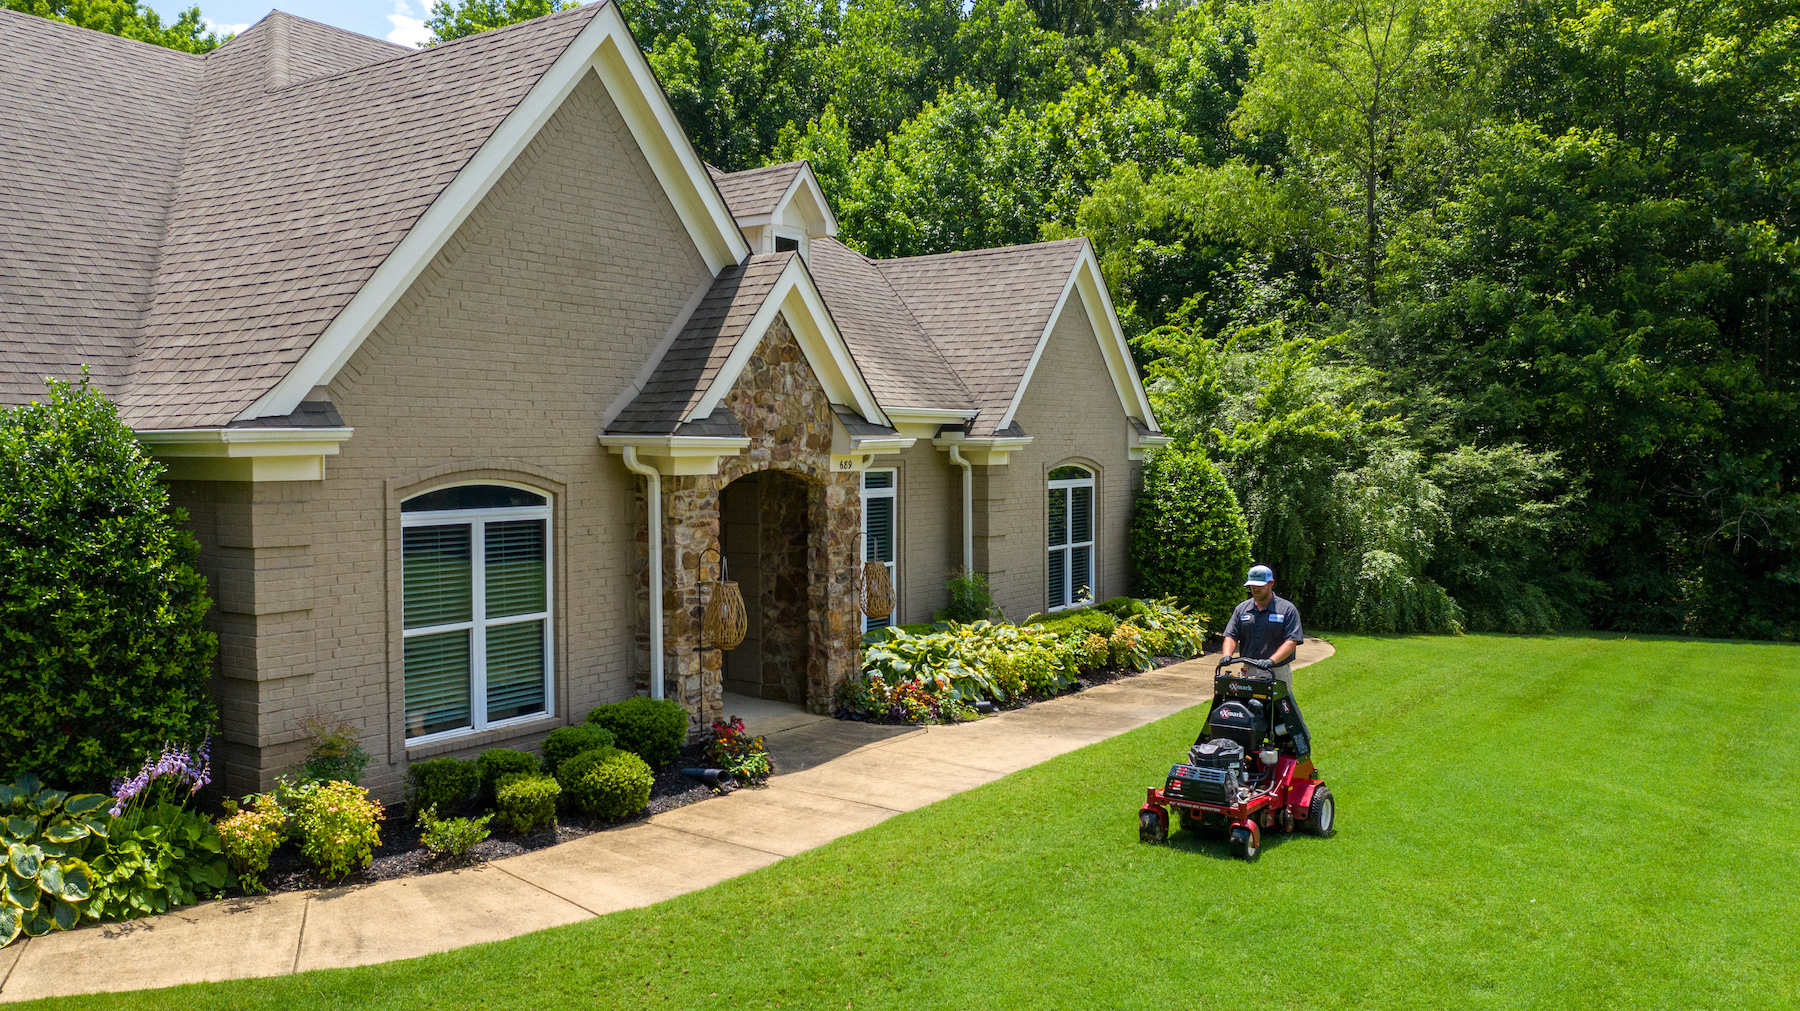 lawn care technician aerating a lawn